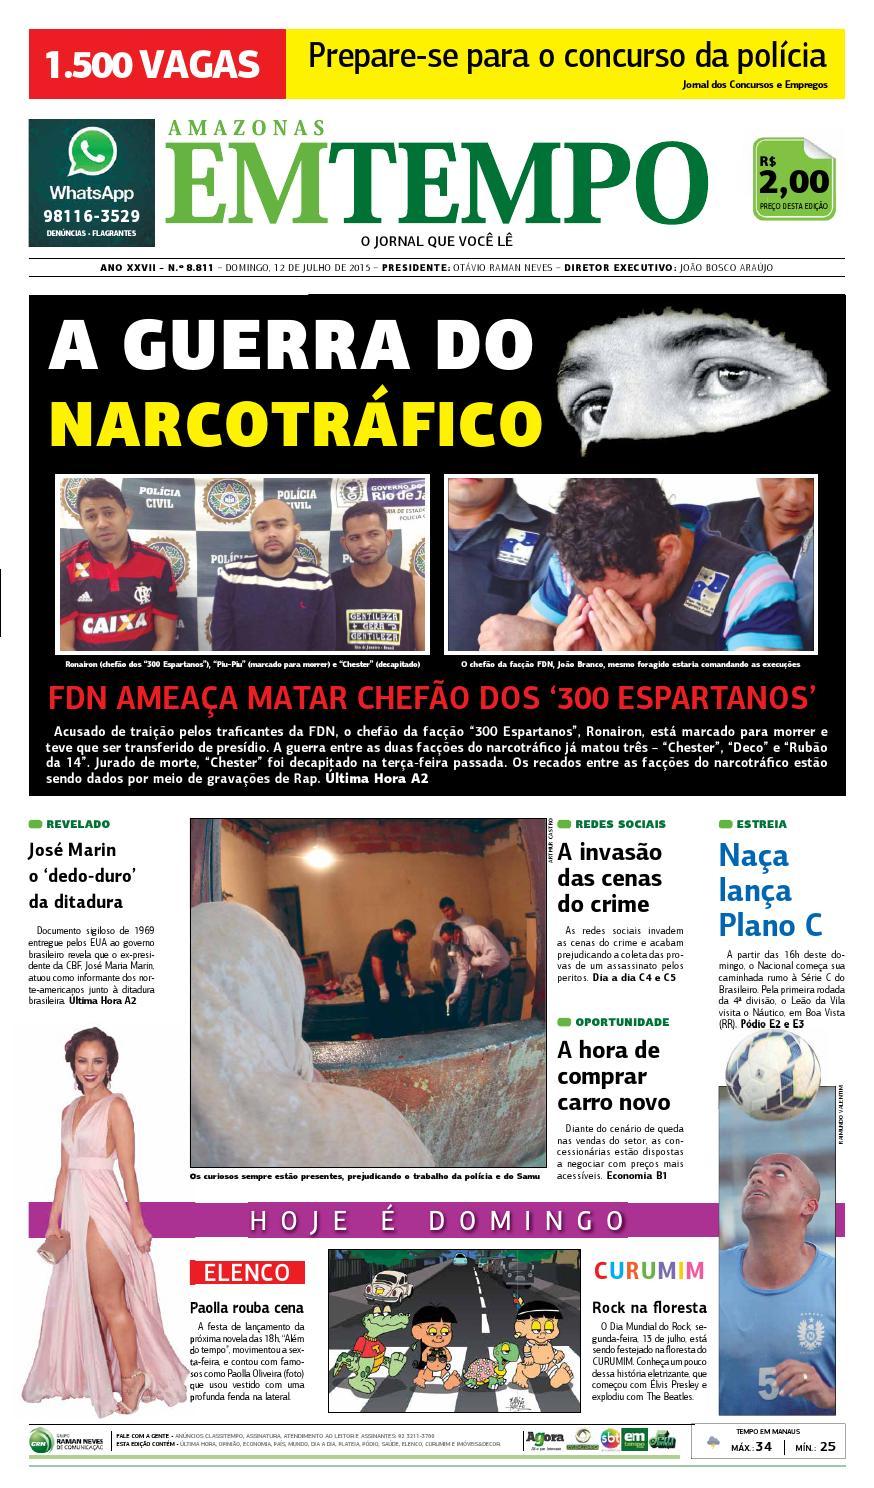 dbf55bcb0e6 EM TEMPO - 12 de julho de 2015 by Amazonas Em Tempo - issuu